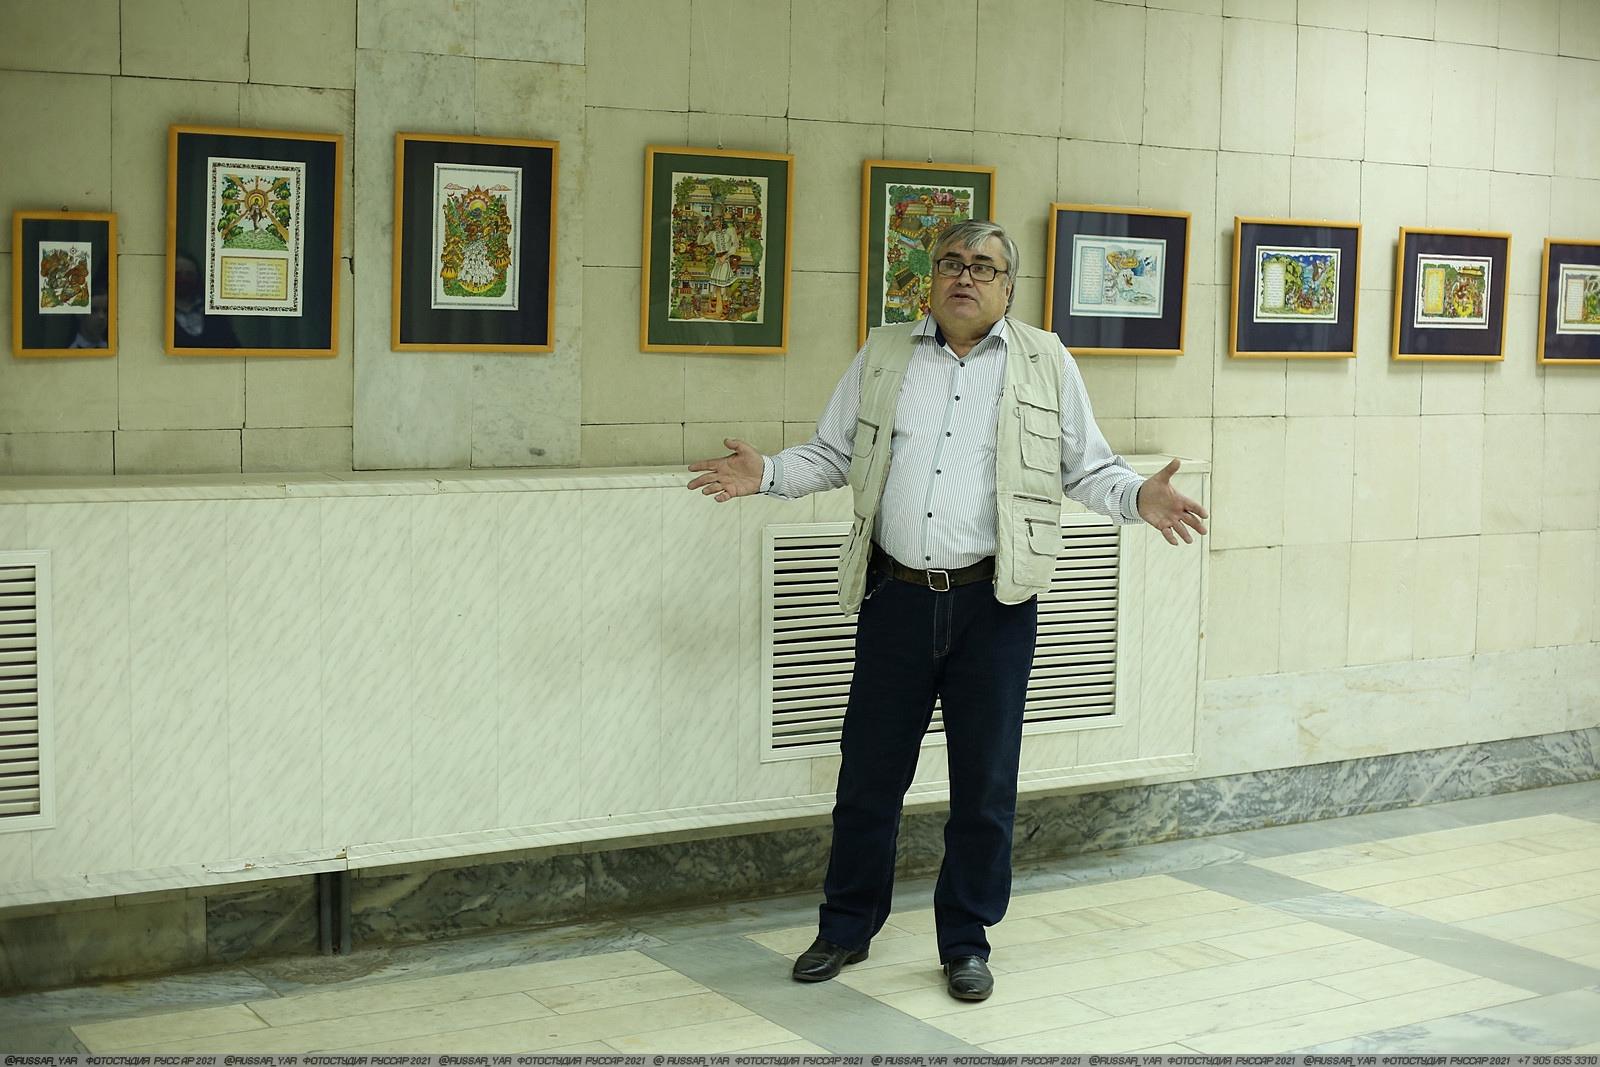 В ДК Судостроитель открыта авторская выставка «Молдавские народные сказки»